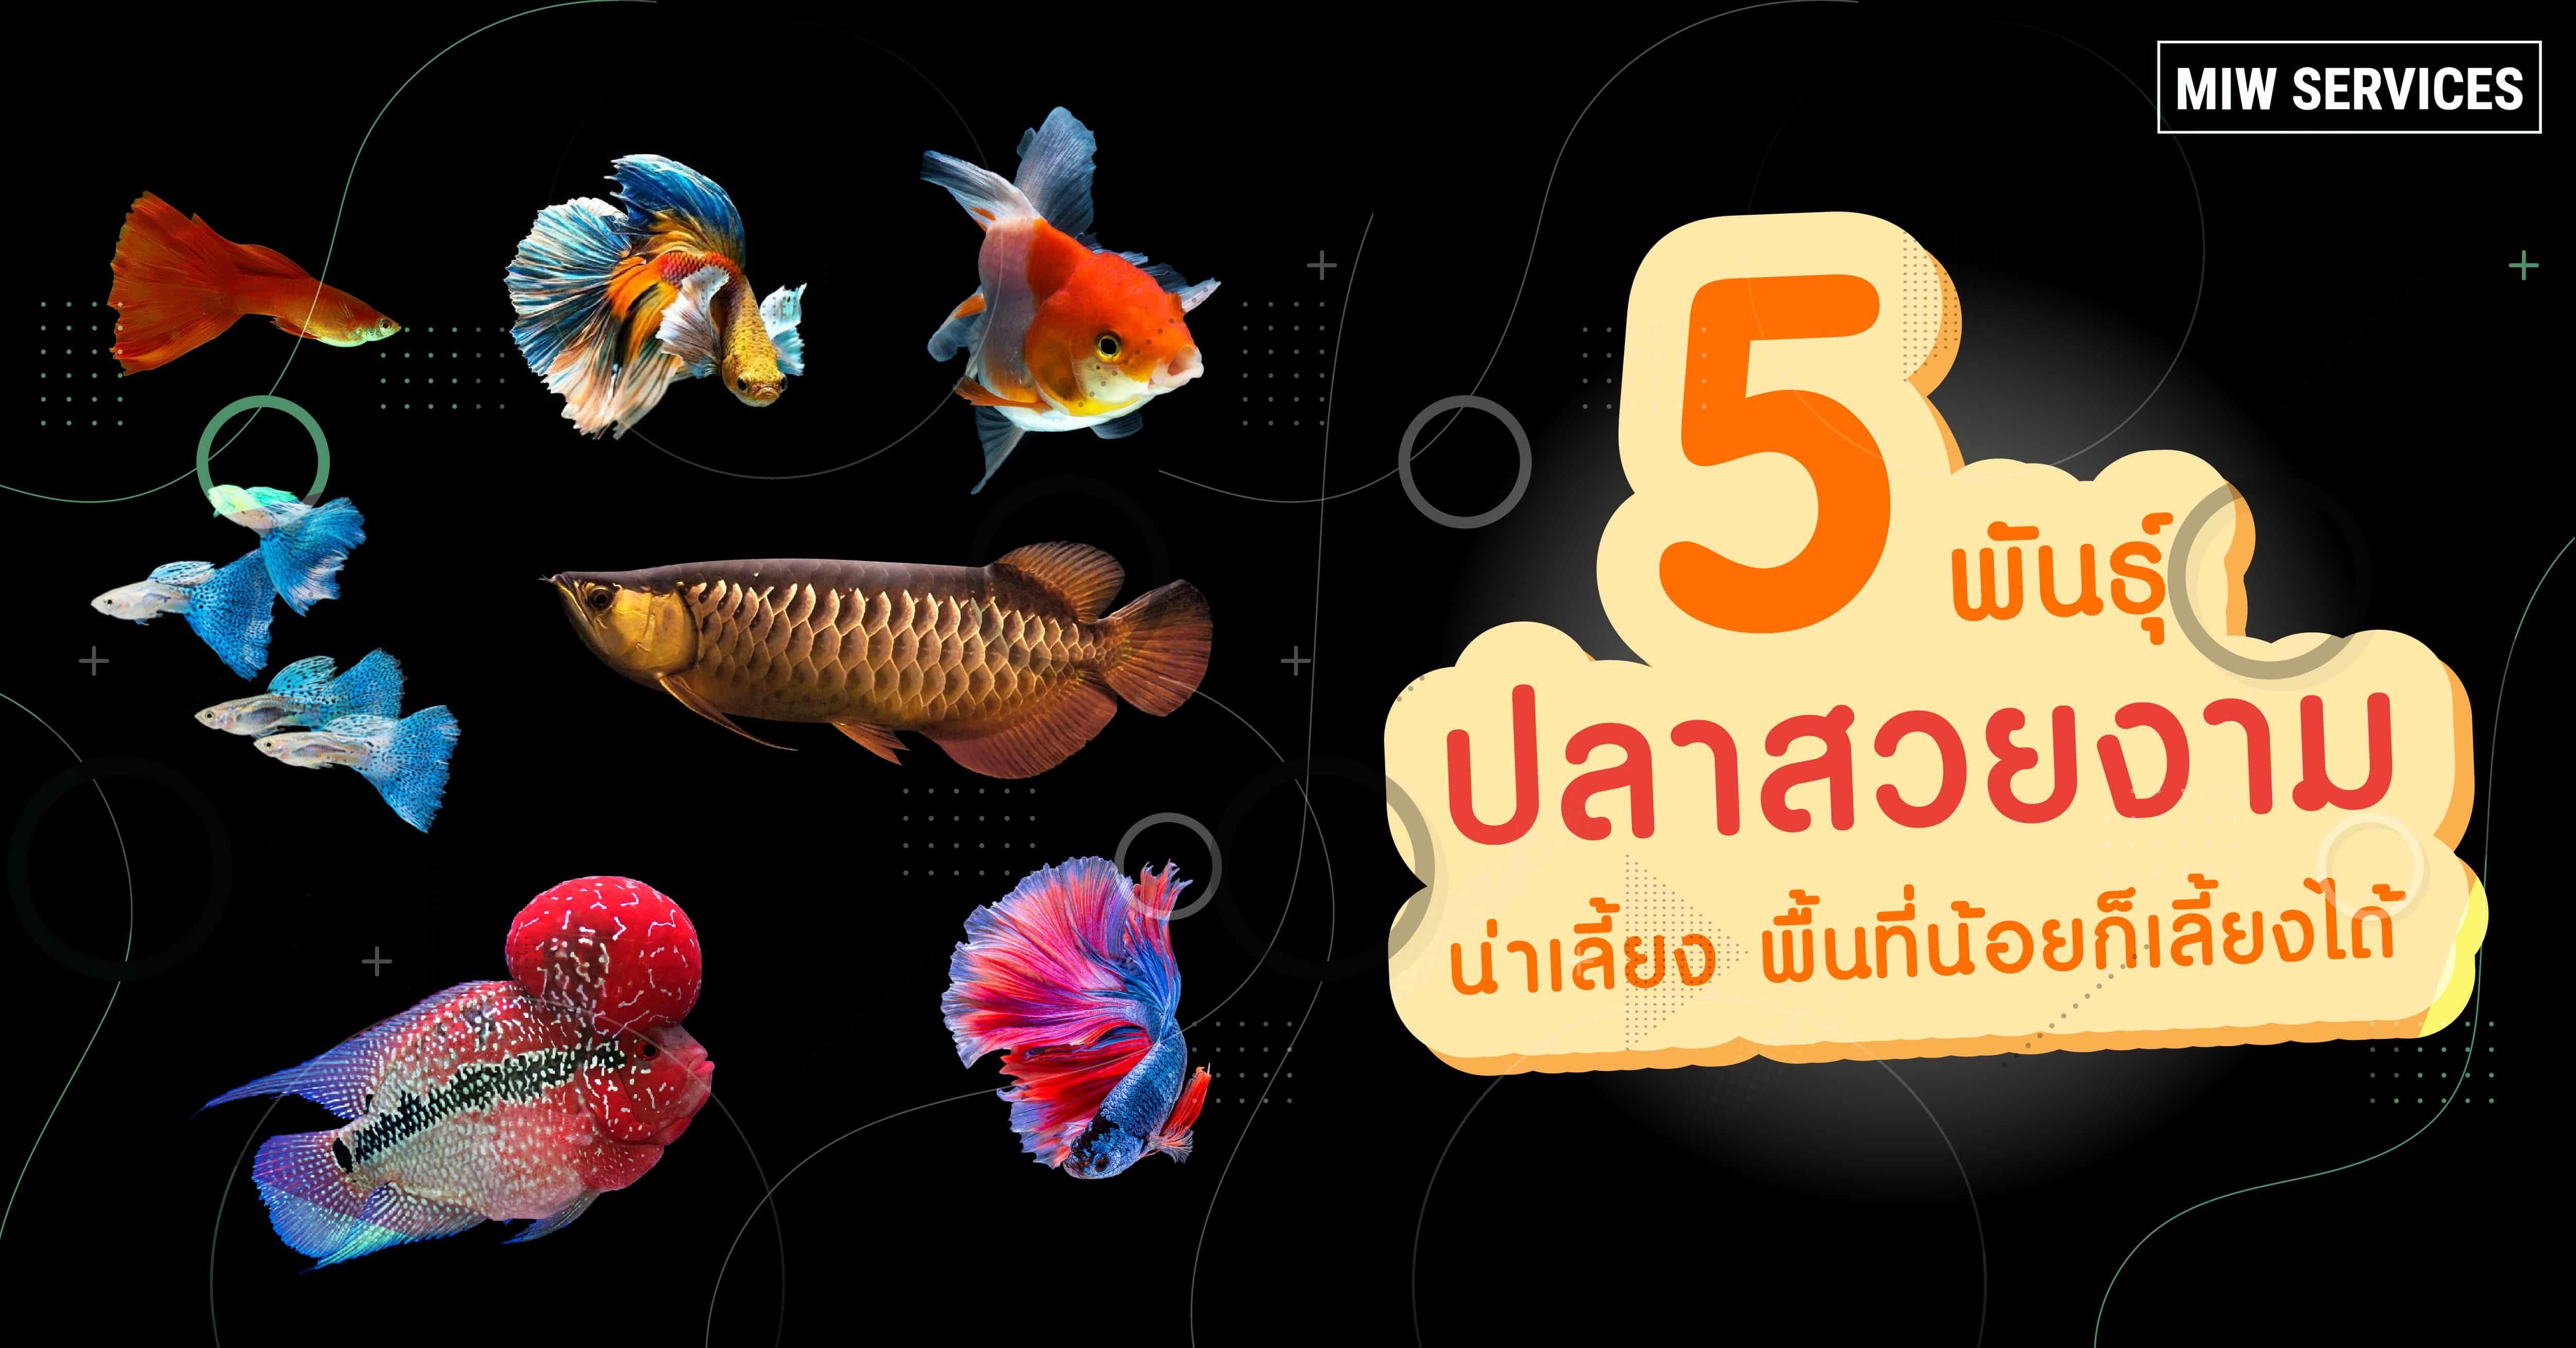 5 พ นธ ปลาสวยงาม น าเล ยง พ นท น อยก เล ยงได ในป 2021 ปลาหมอส ปลาก ด ปลาหางนกย ง